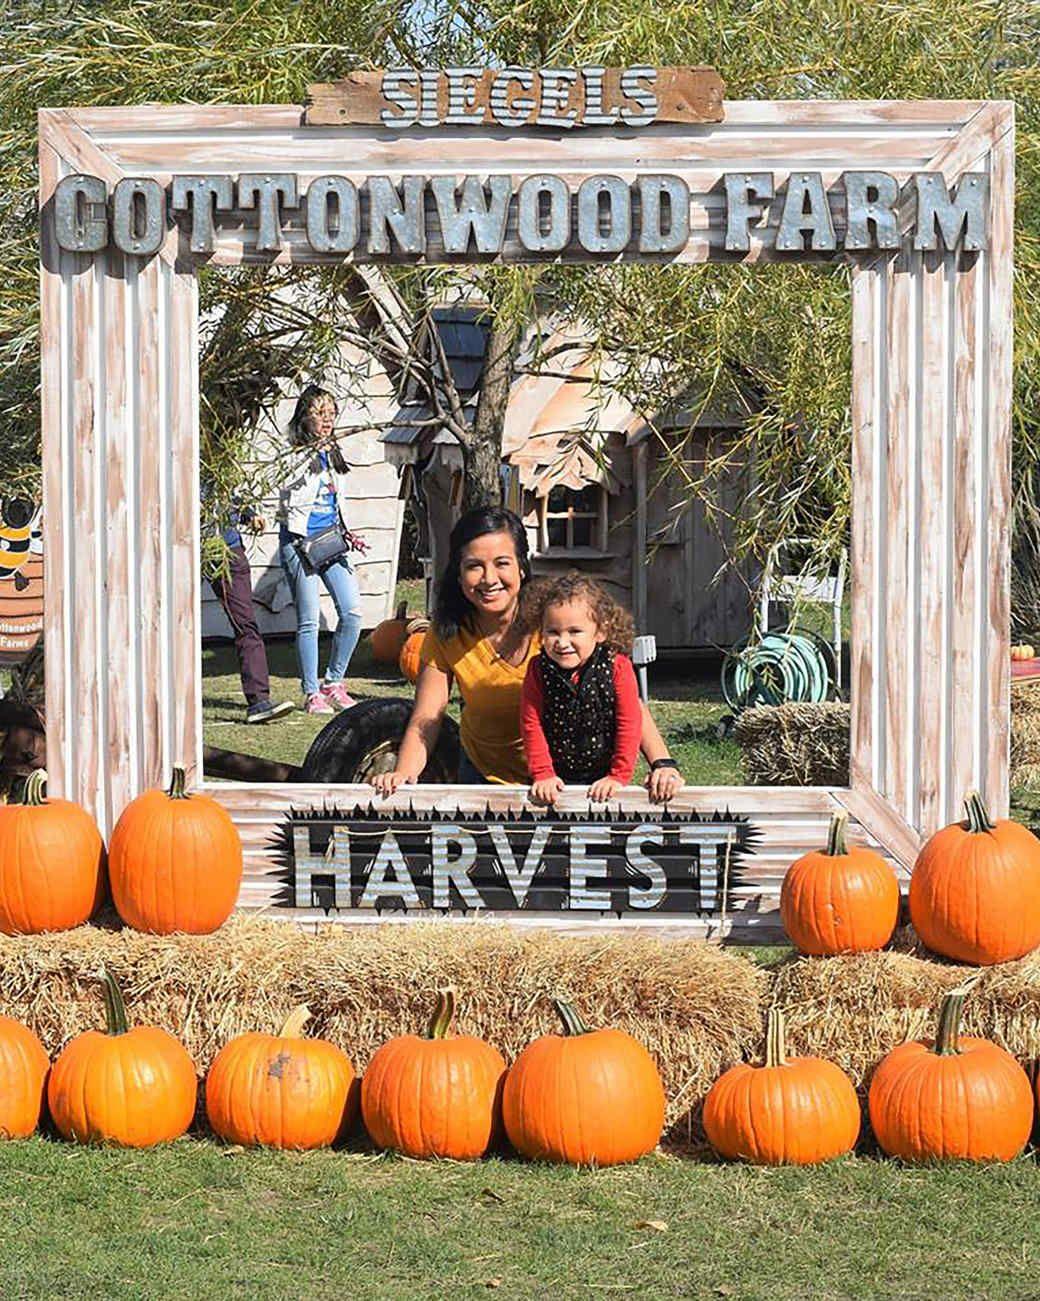 The Best Pumpkin Festivals to Visit This Fall #pumpkinpatch